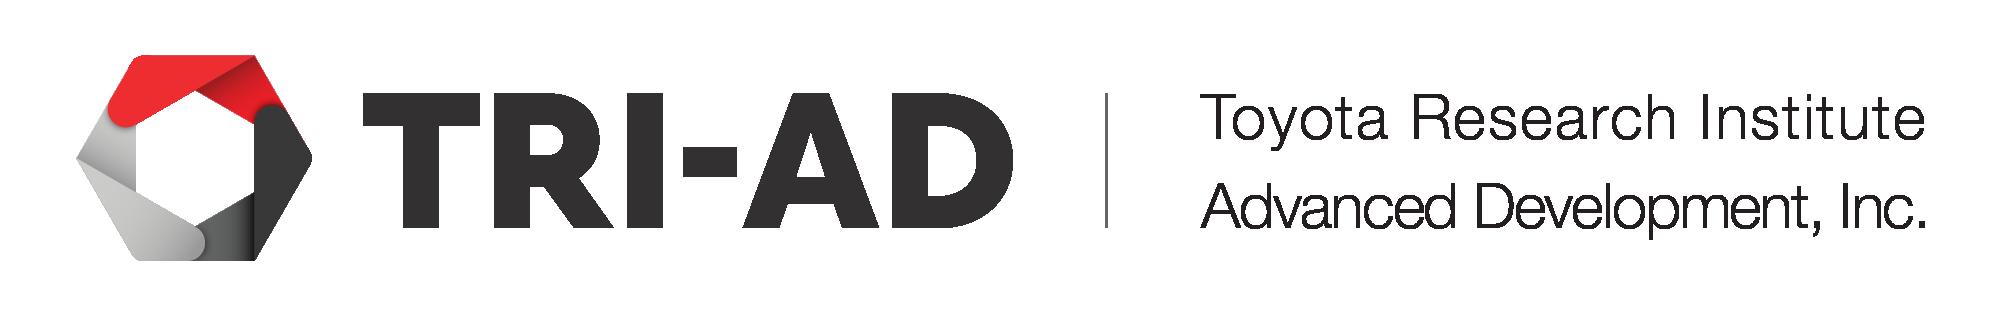 TRI-AD, Inc logo